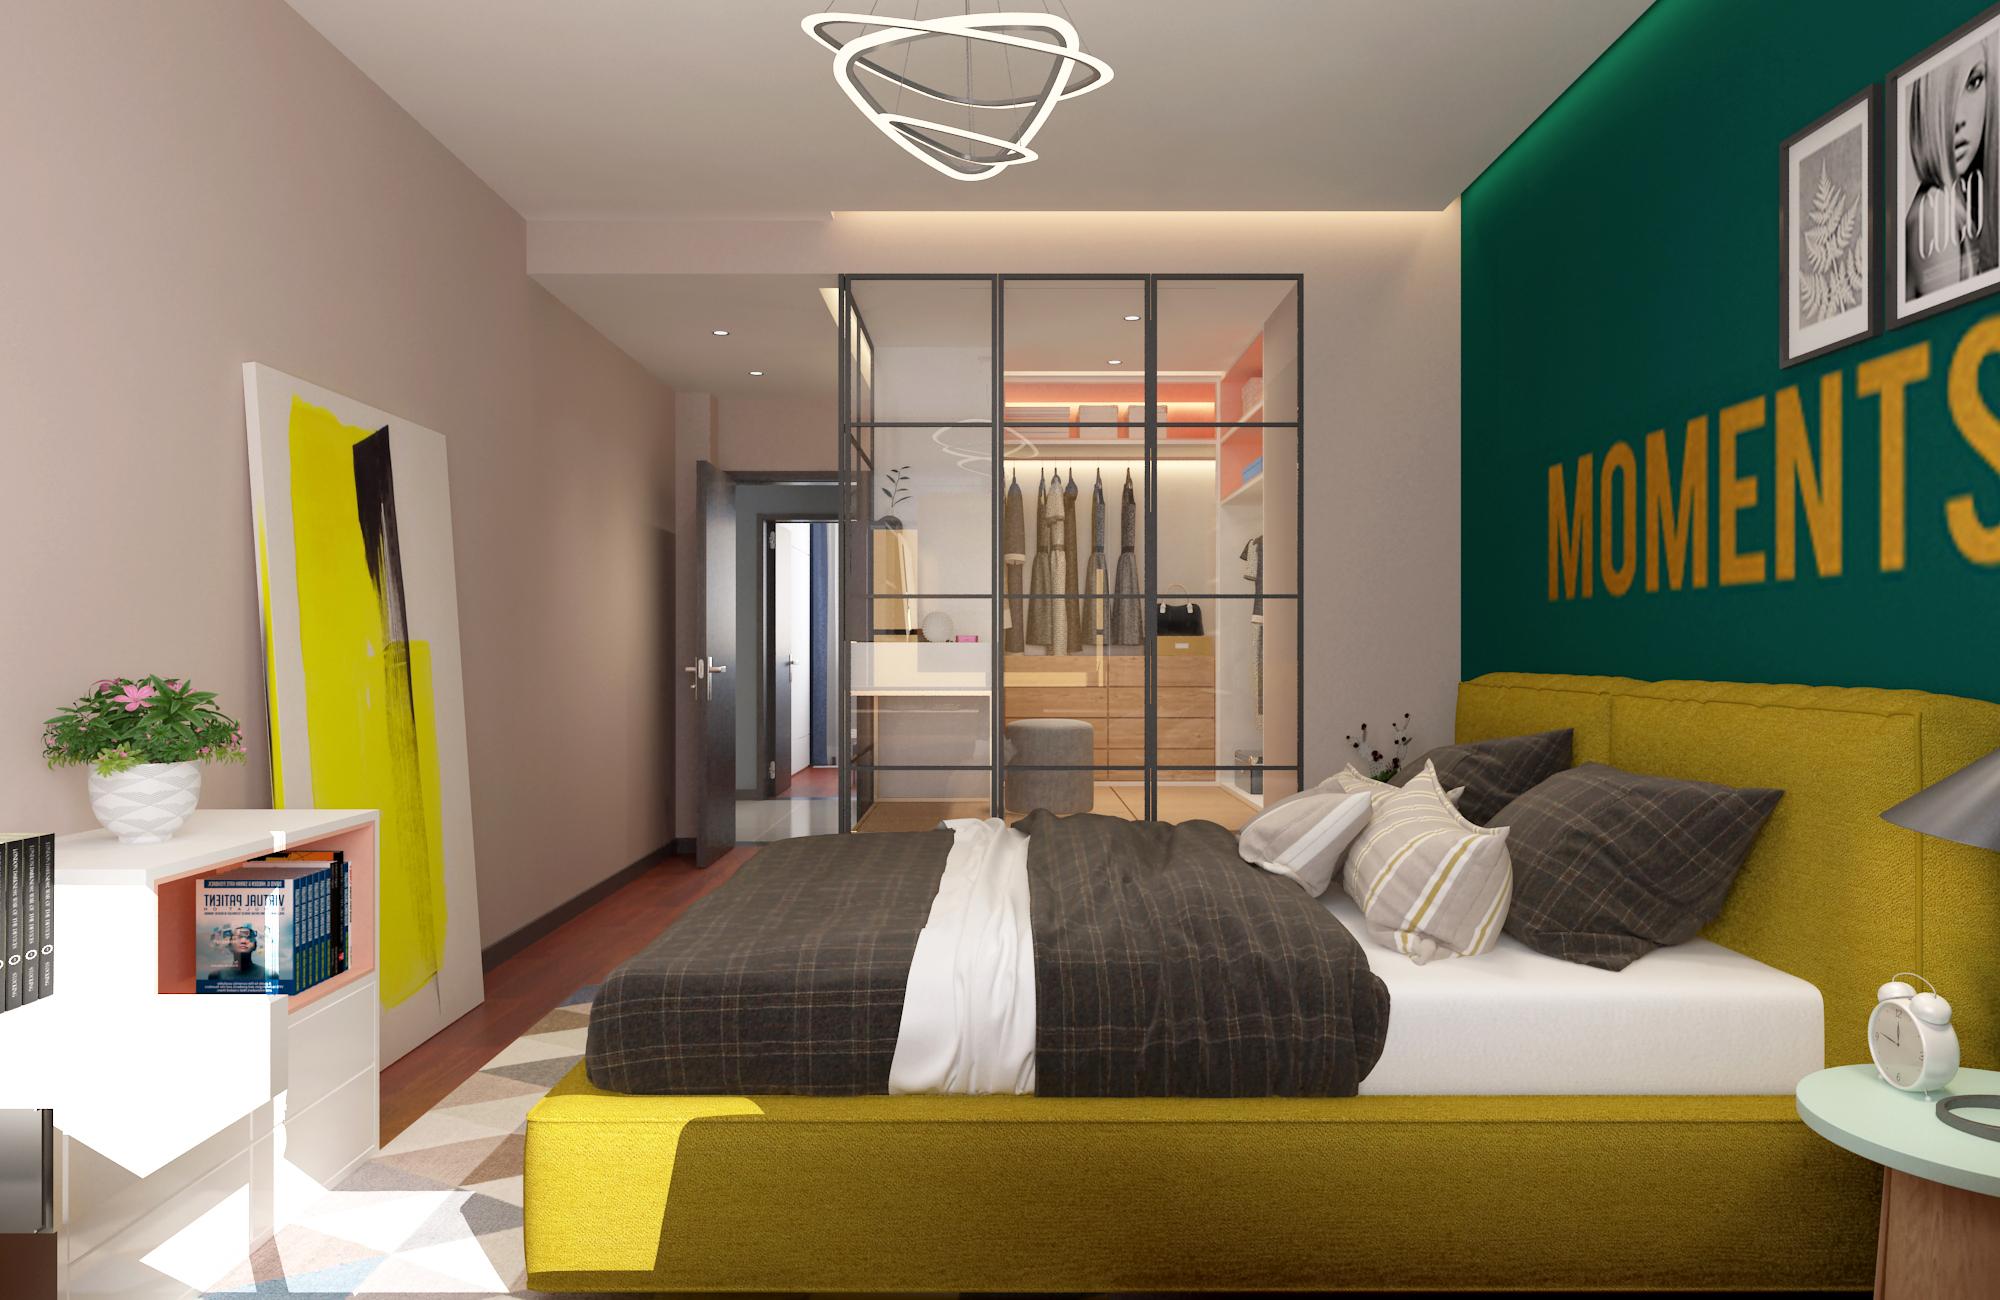 138㎡现代风装修卧室效果图